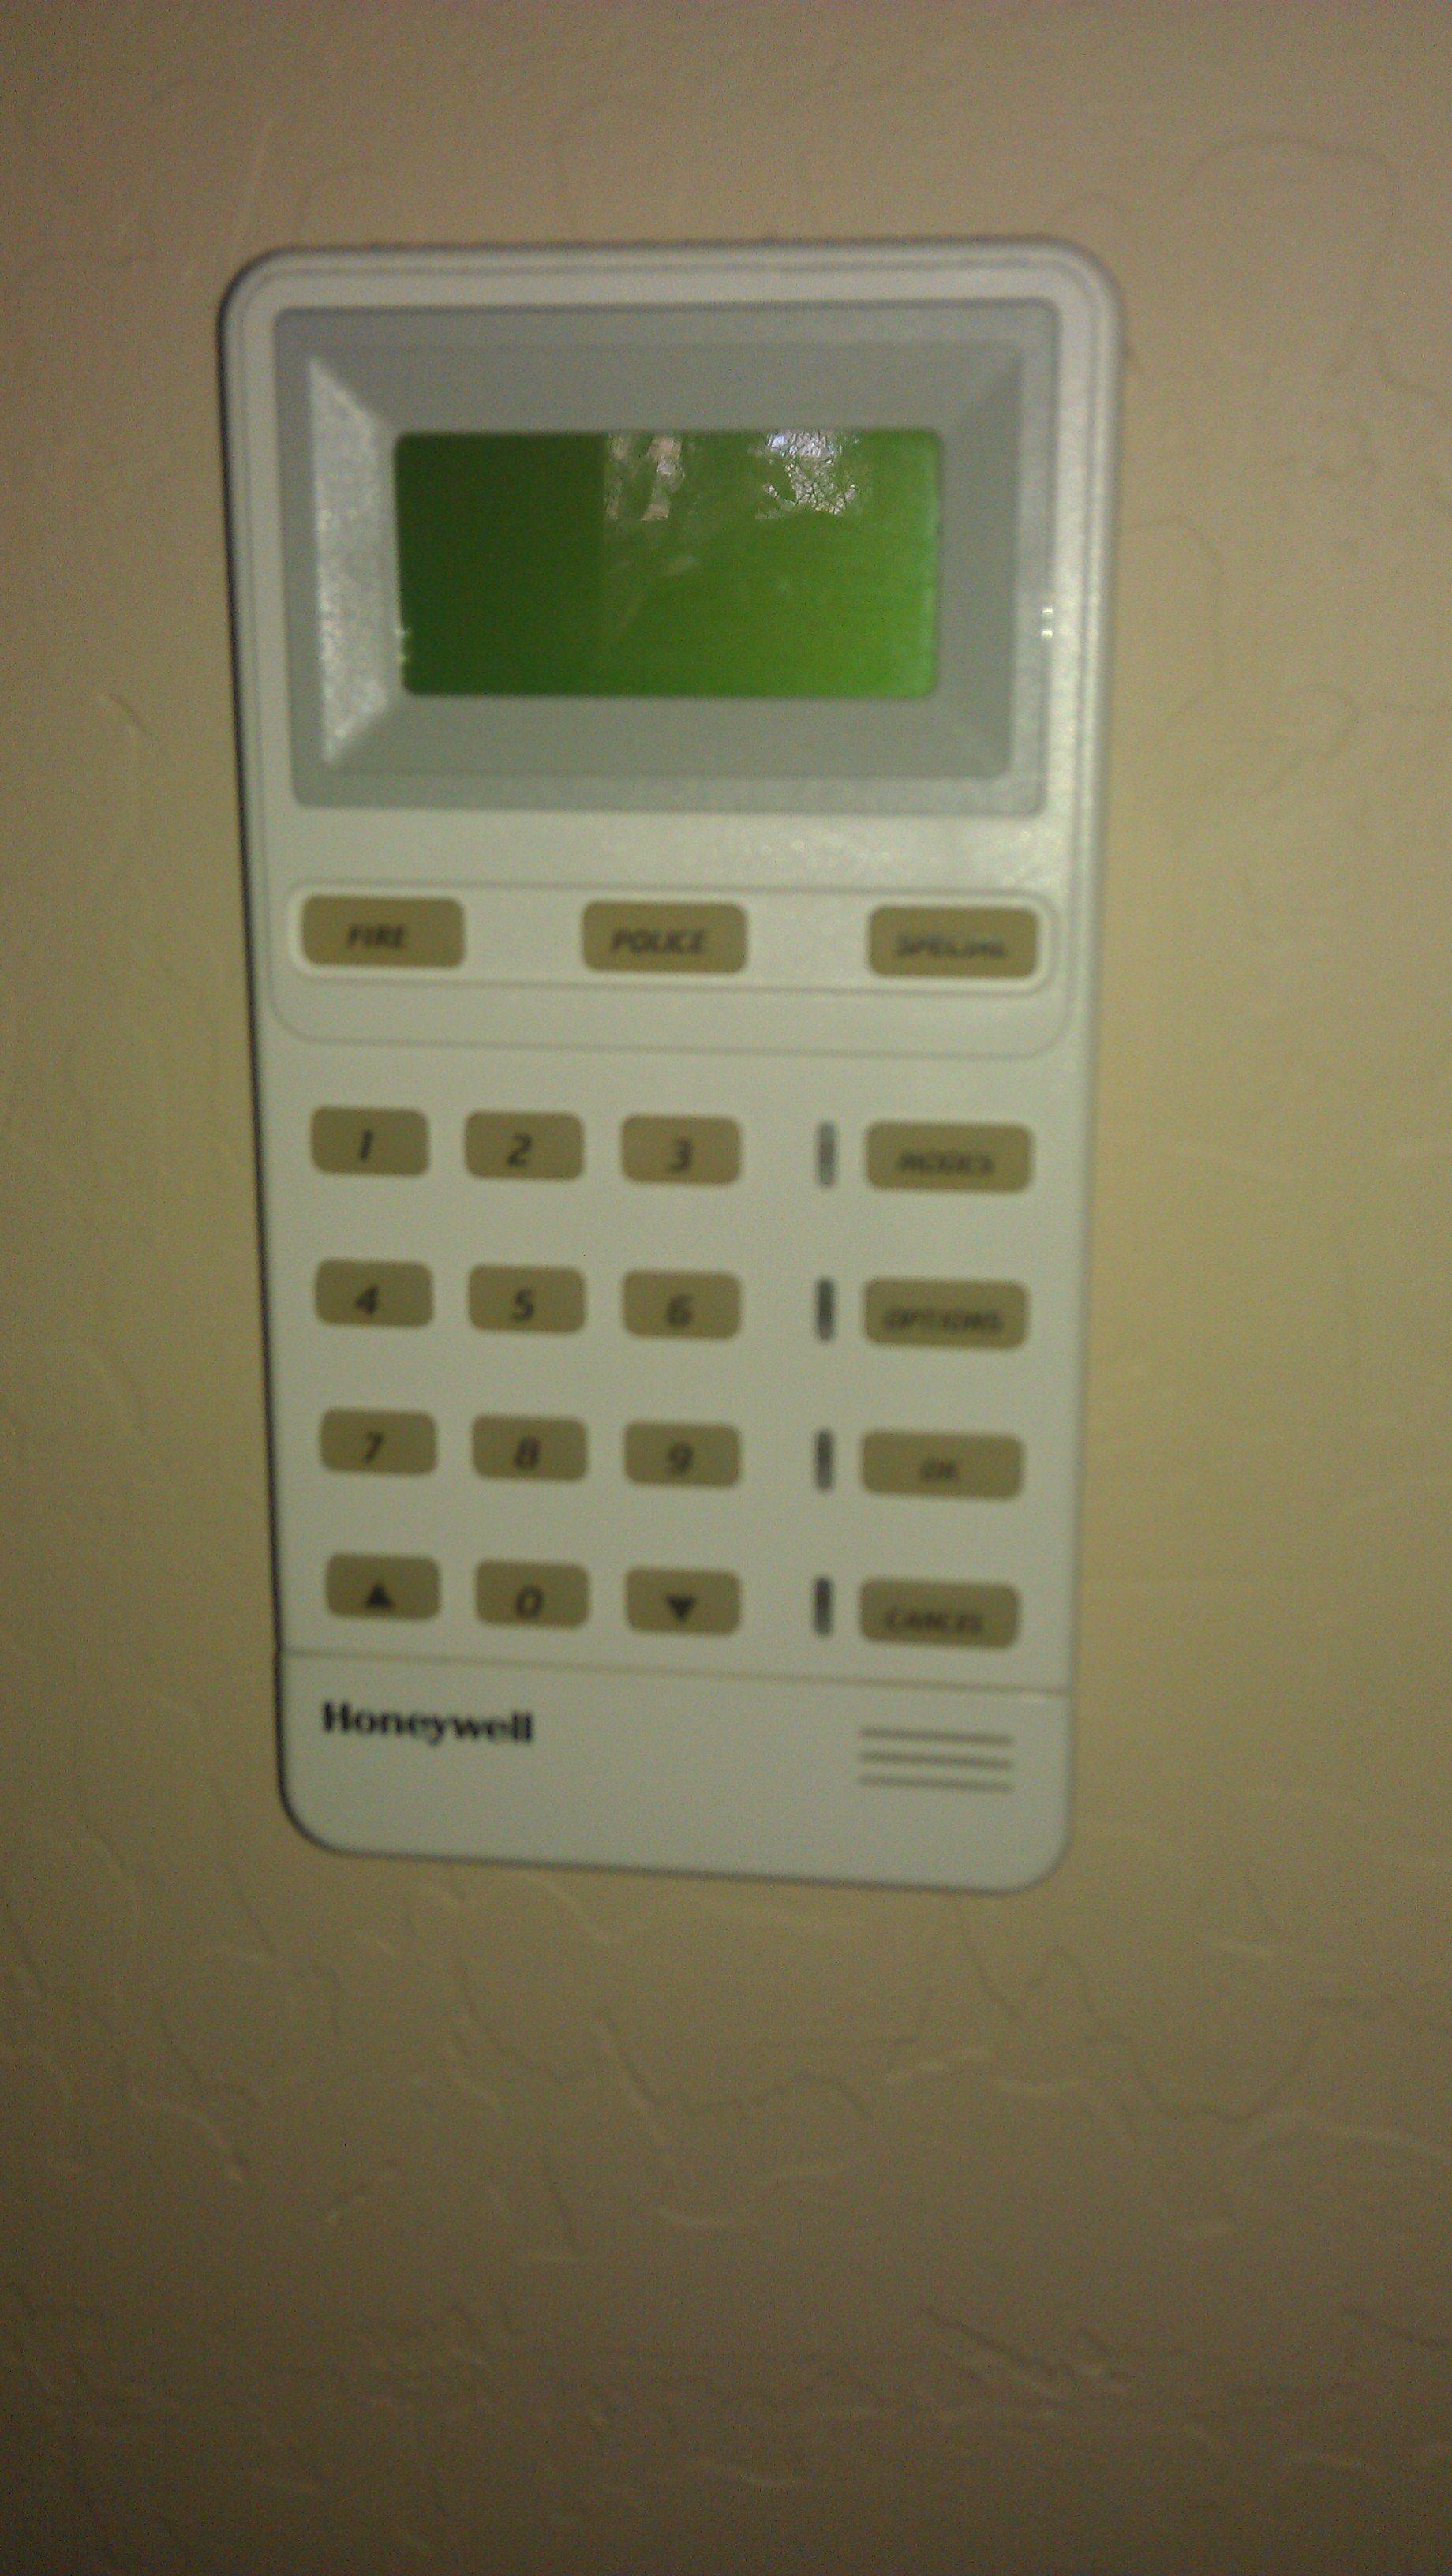 how to change alarm code on honeywell keypad